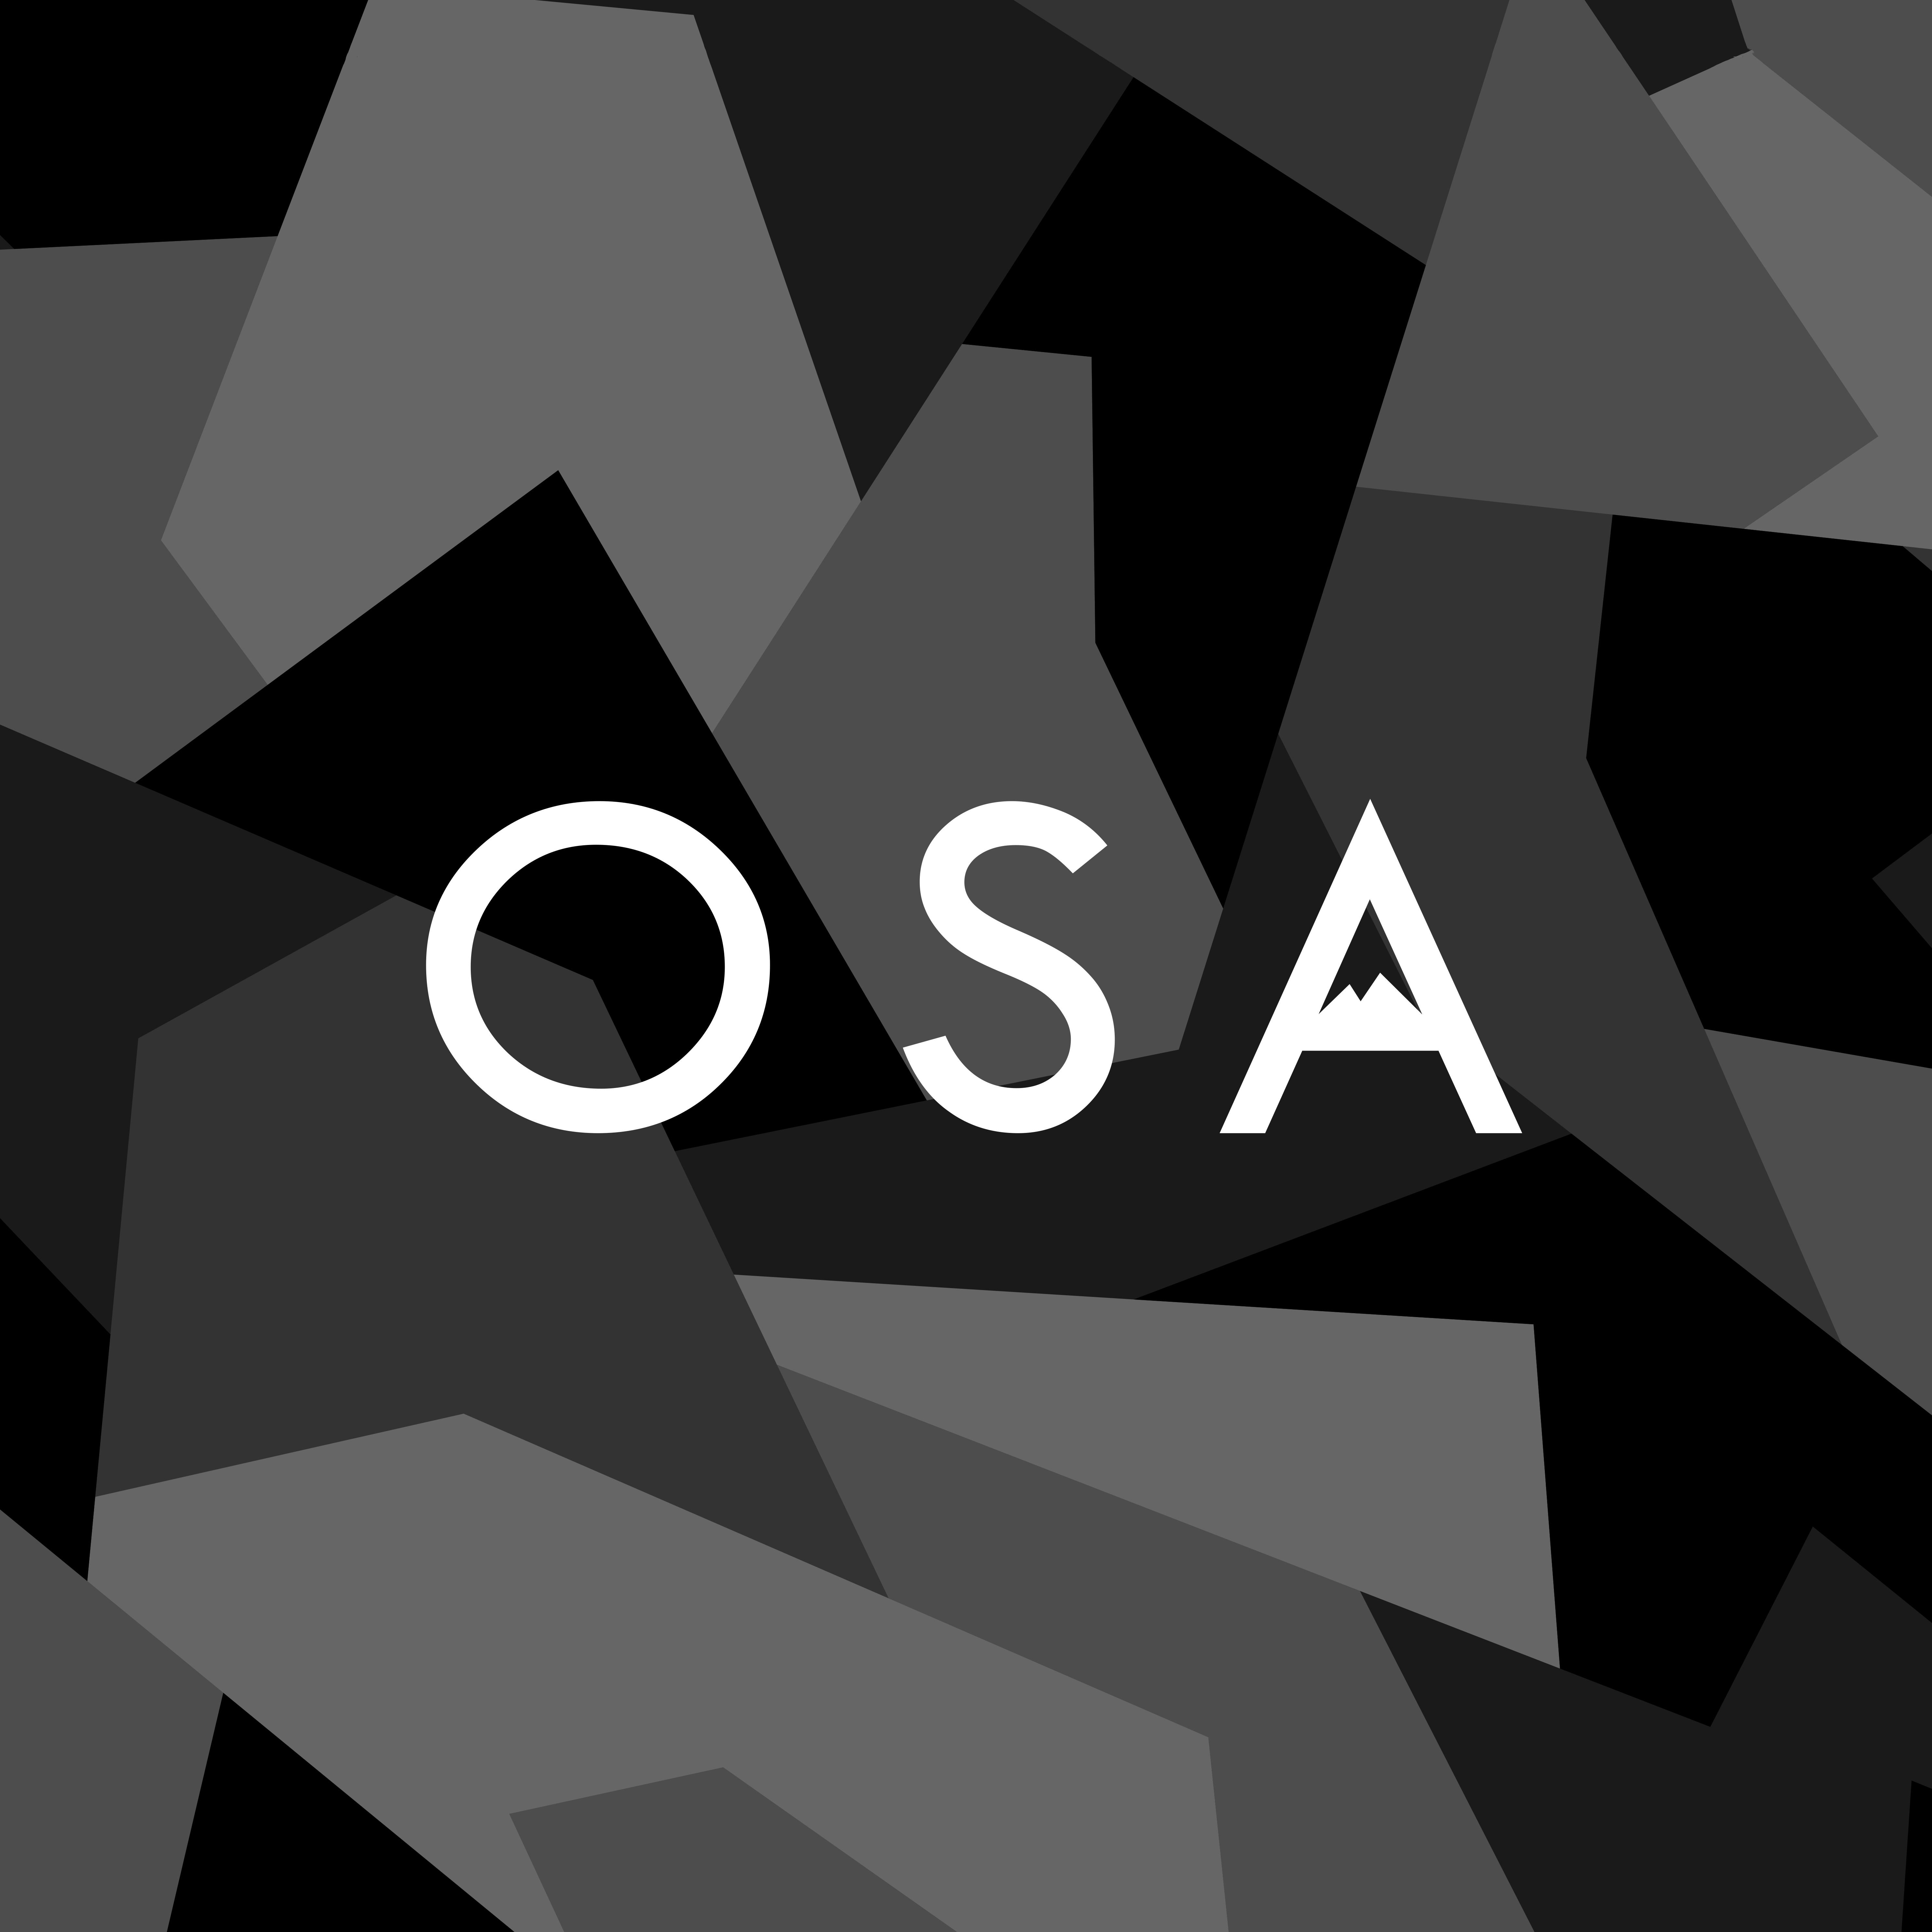 Avatar OSA 2-0